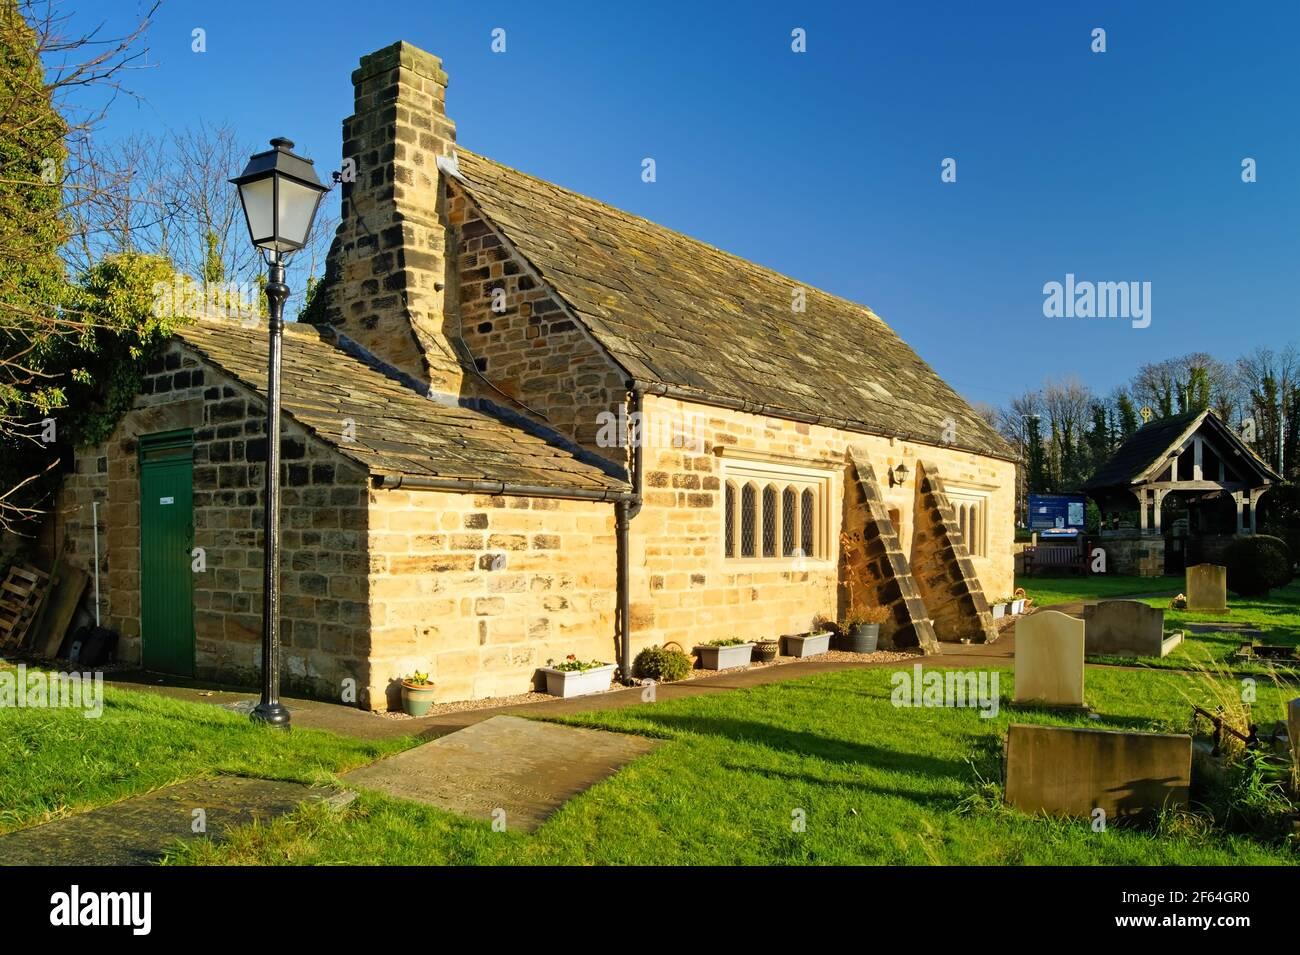 Großbritannien, West Yorkshire, Wakefield, Felkirk, St. Peter's Church, Altes Schulzimmer Stockfoto